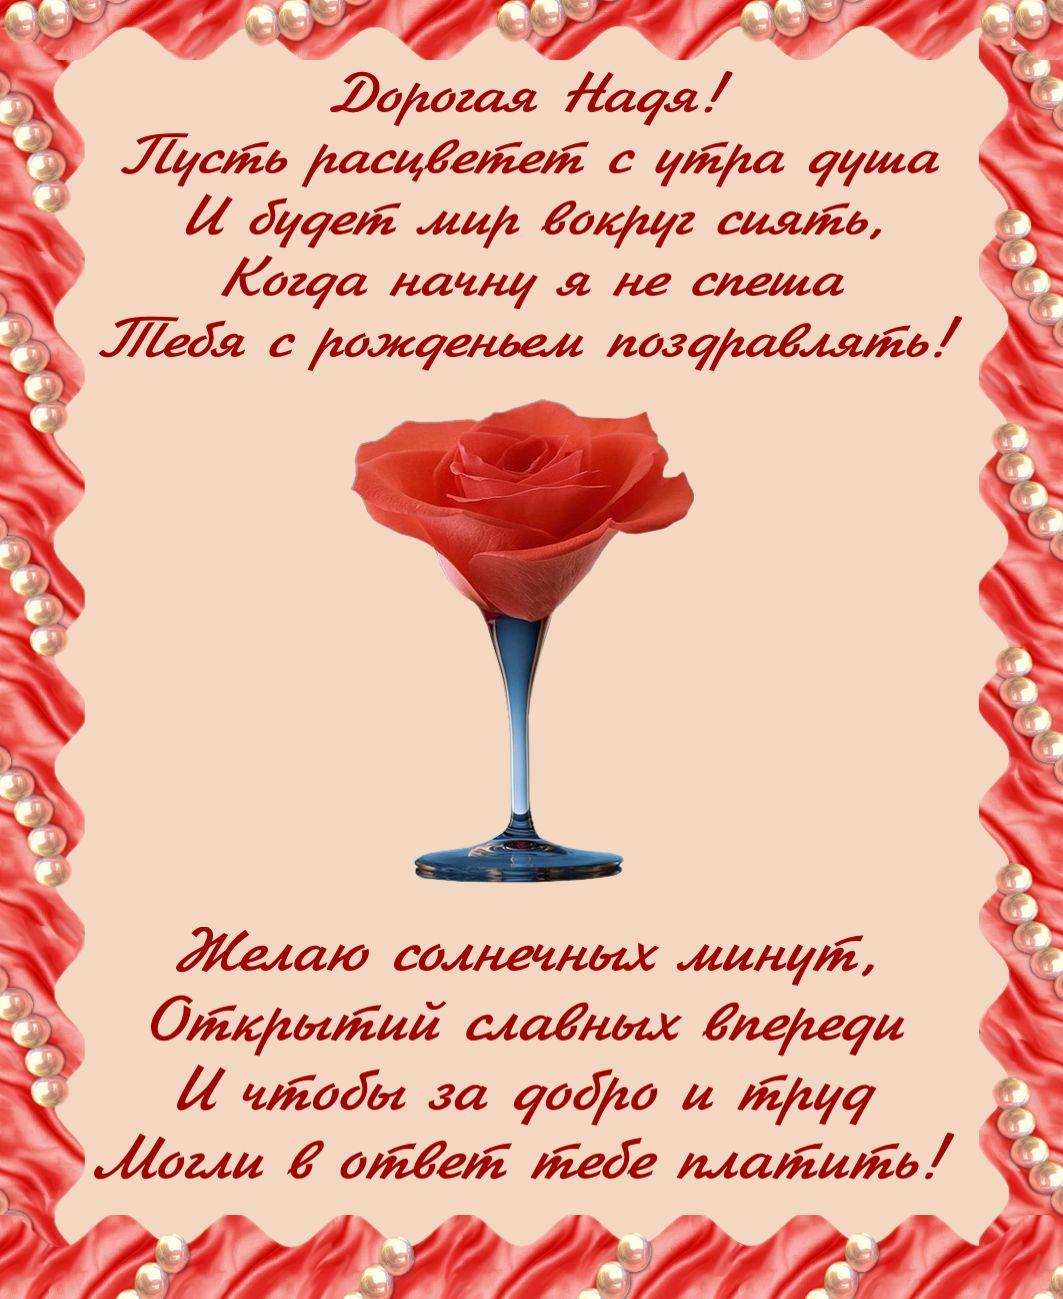 открытка - роза в красивой рамке и пожелание для Нади